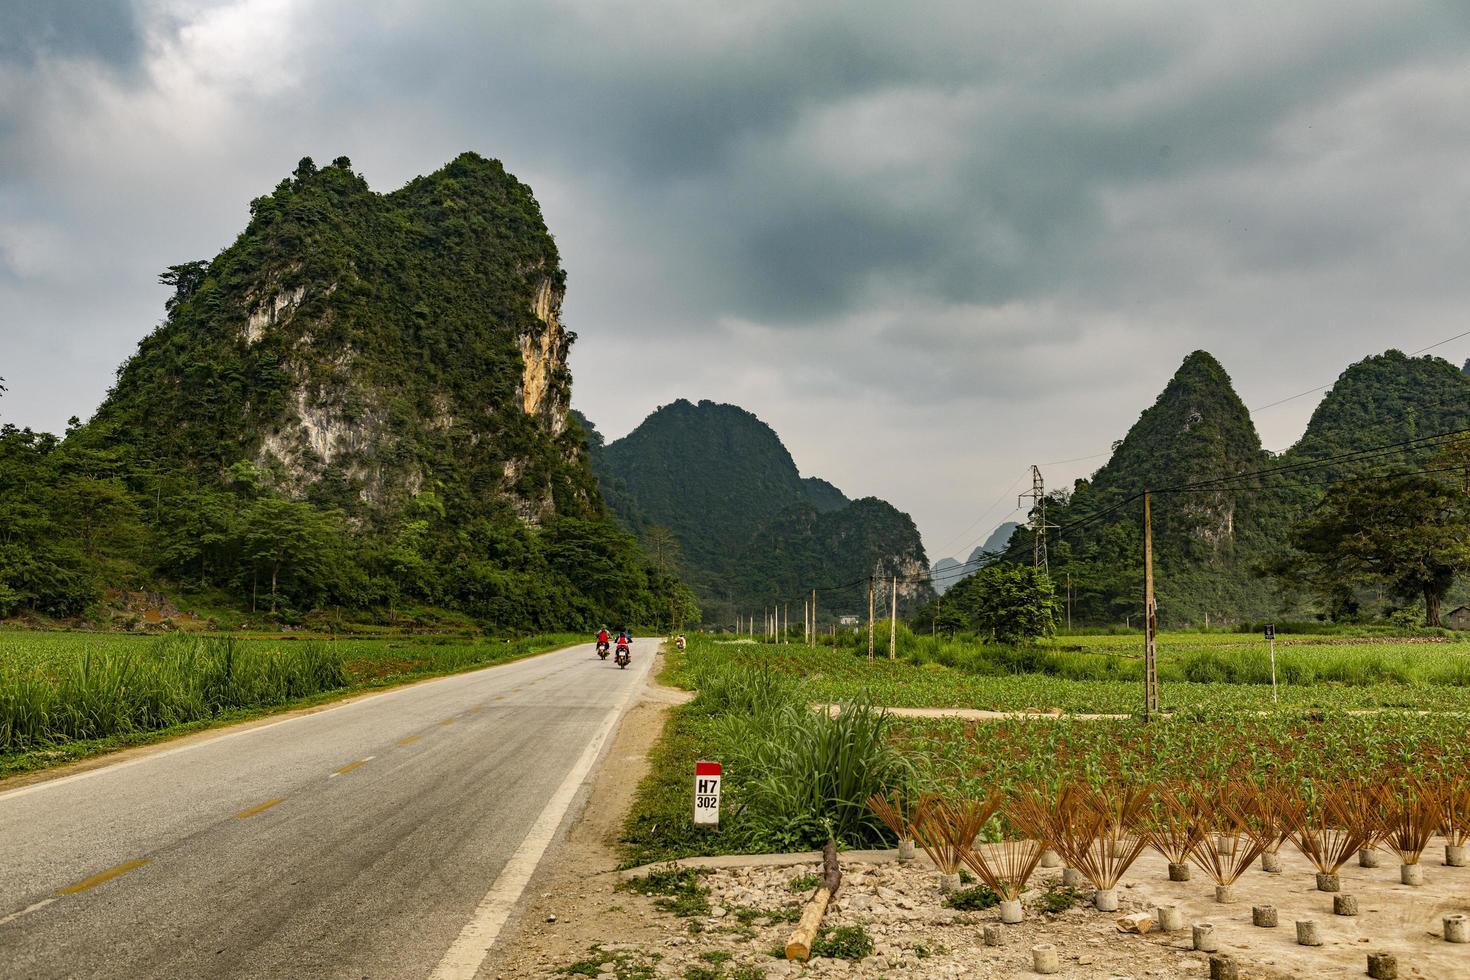 vietnam, rijstveldarbeiders 2017 en gezinsreizen per motor foto